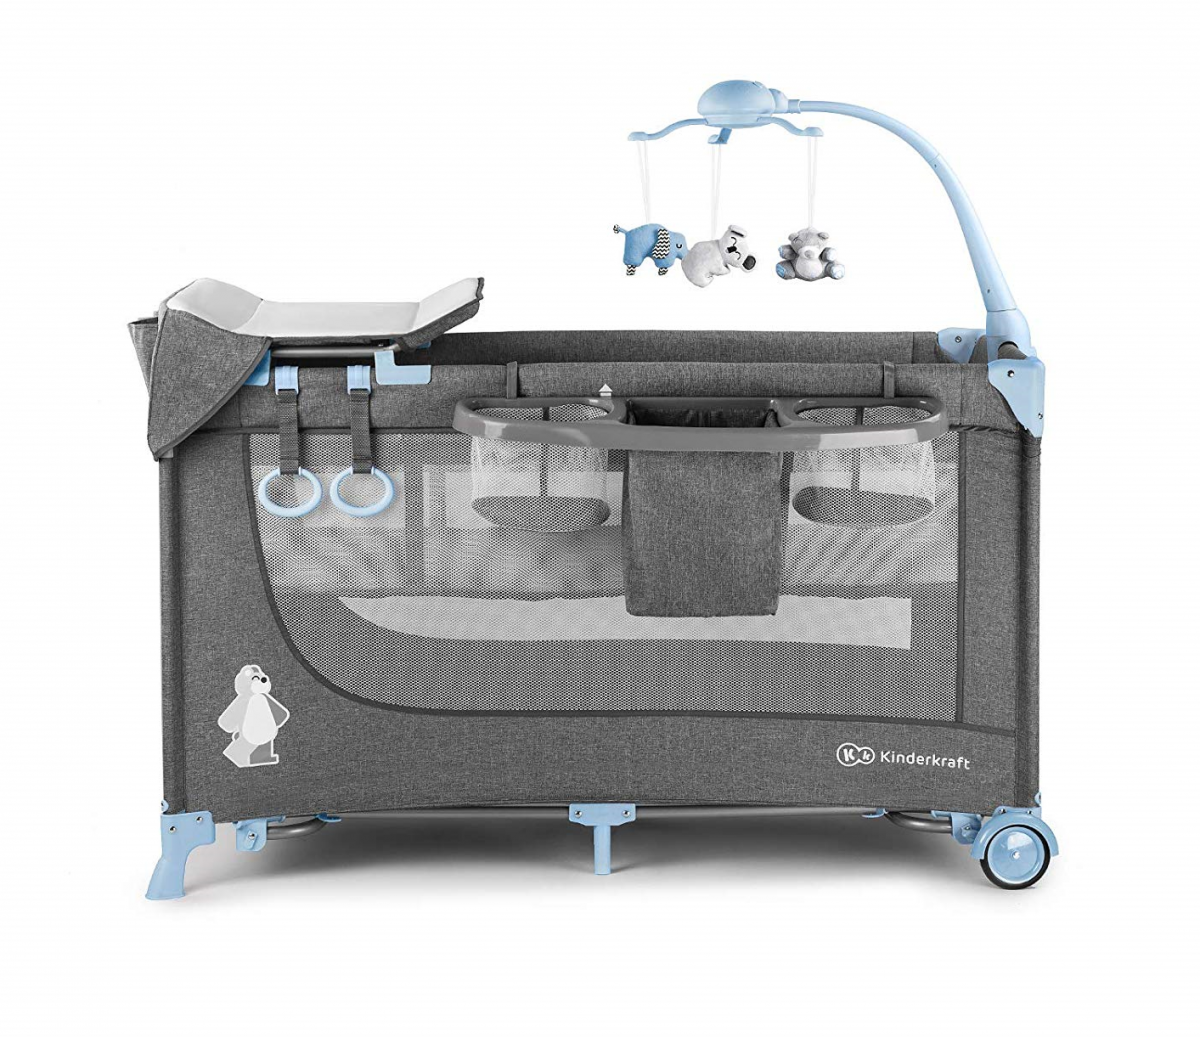 KinderKraft Joy BLUE Divlīmeņu bērnu ceļojumu gultiņa